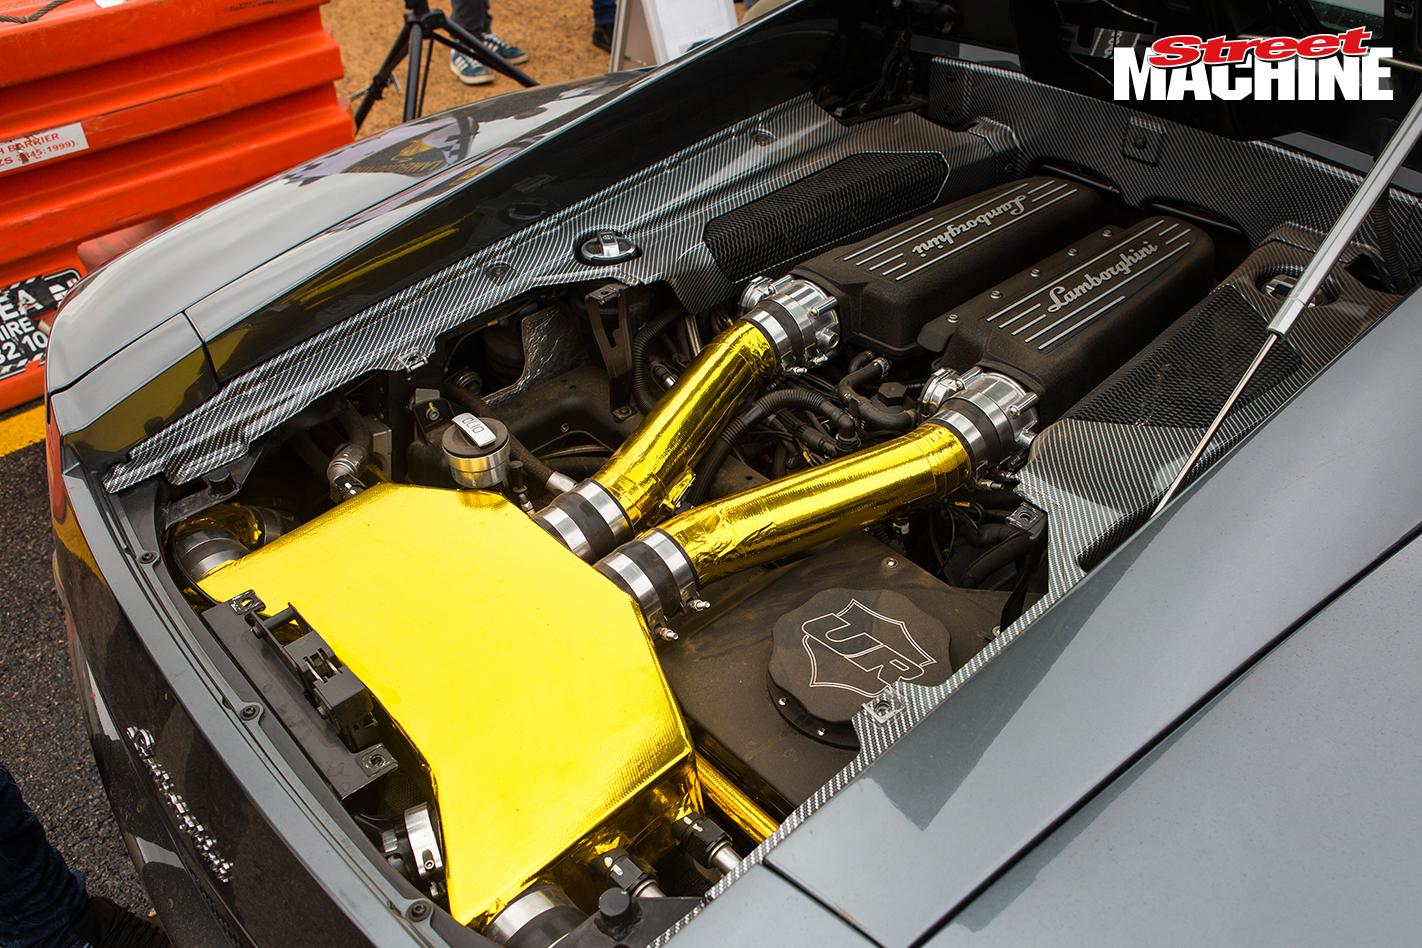 1300rwhp Twin Turbo Lamborghini Gallardo